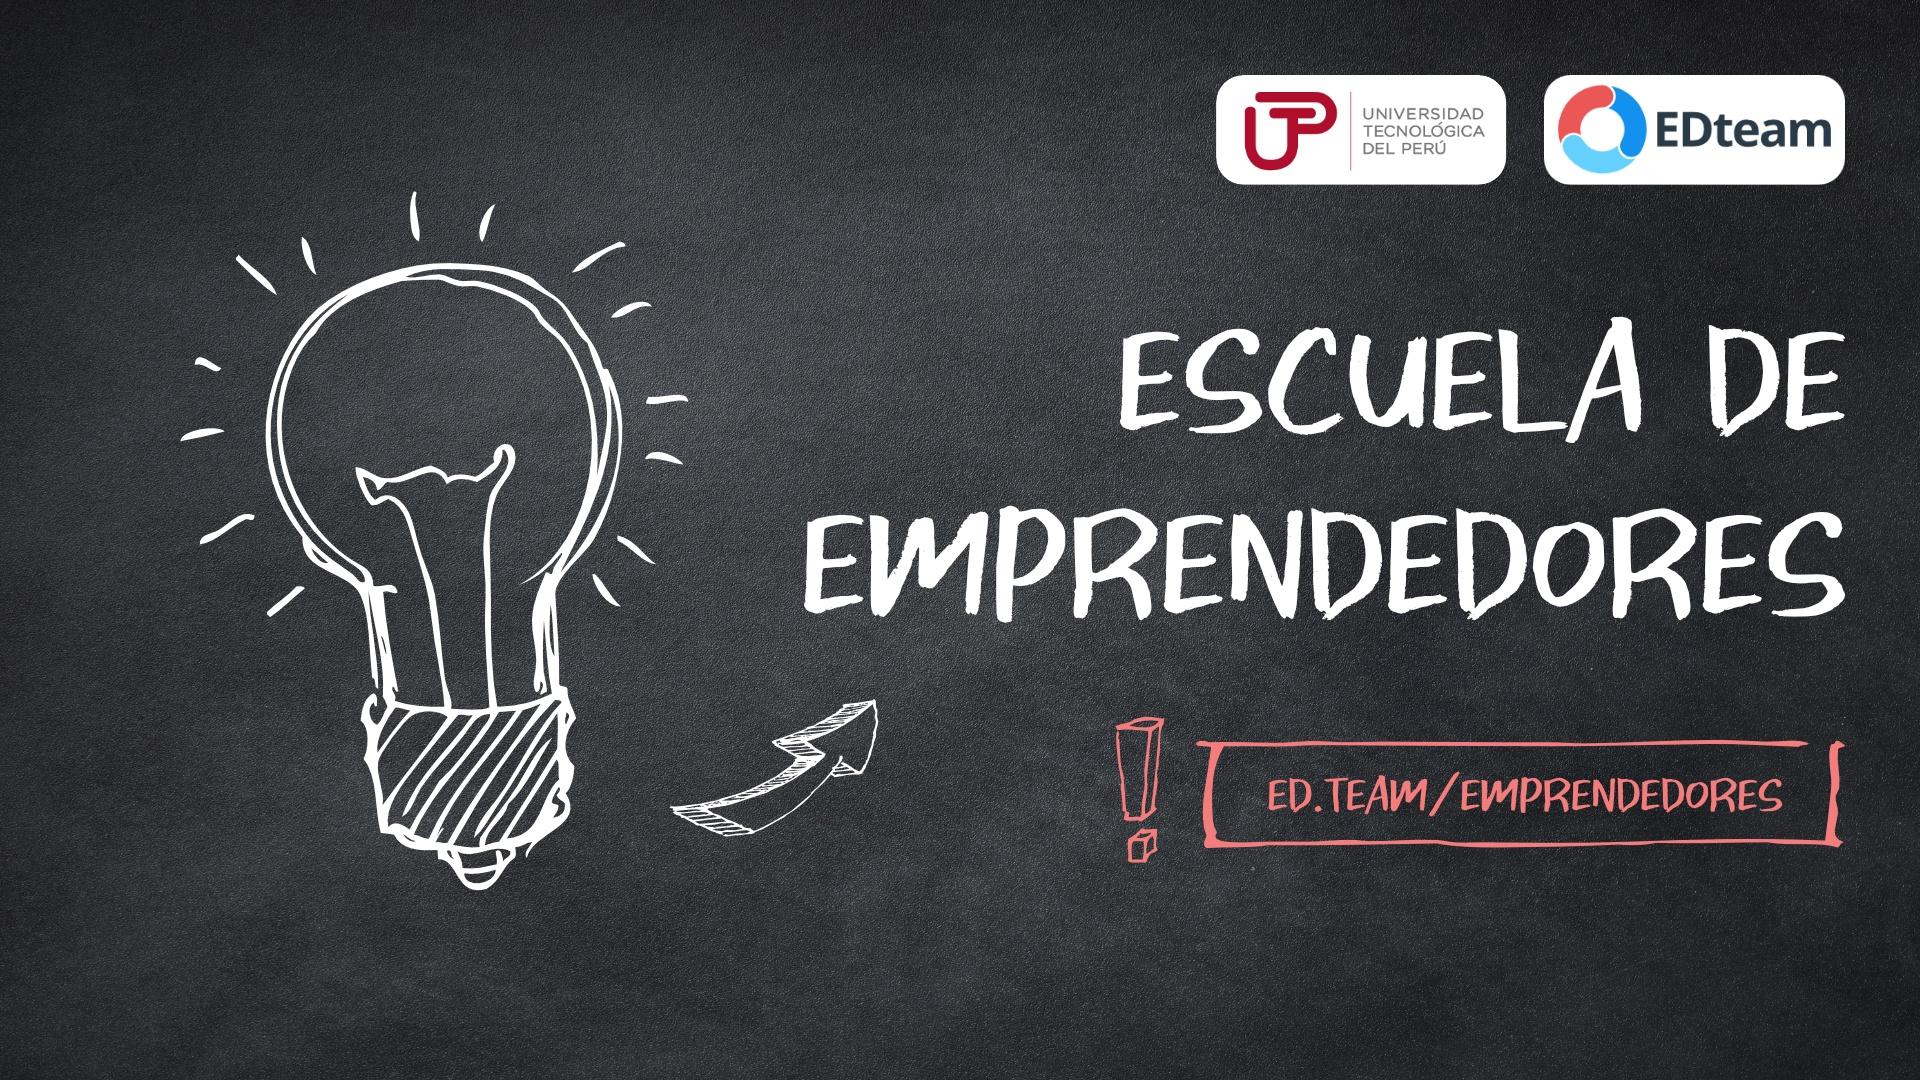 🚀 Gracias por ser parte de la Escuela de emprendedores